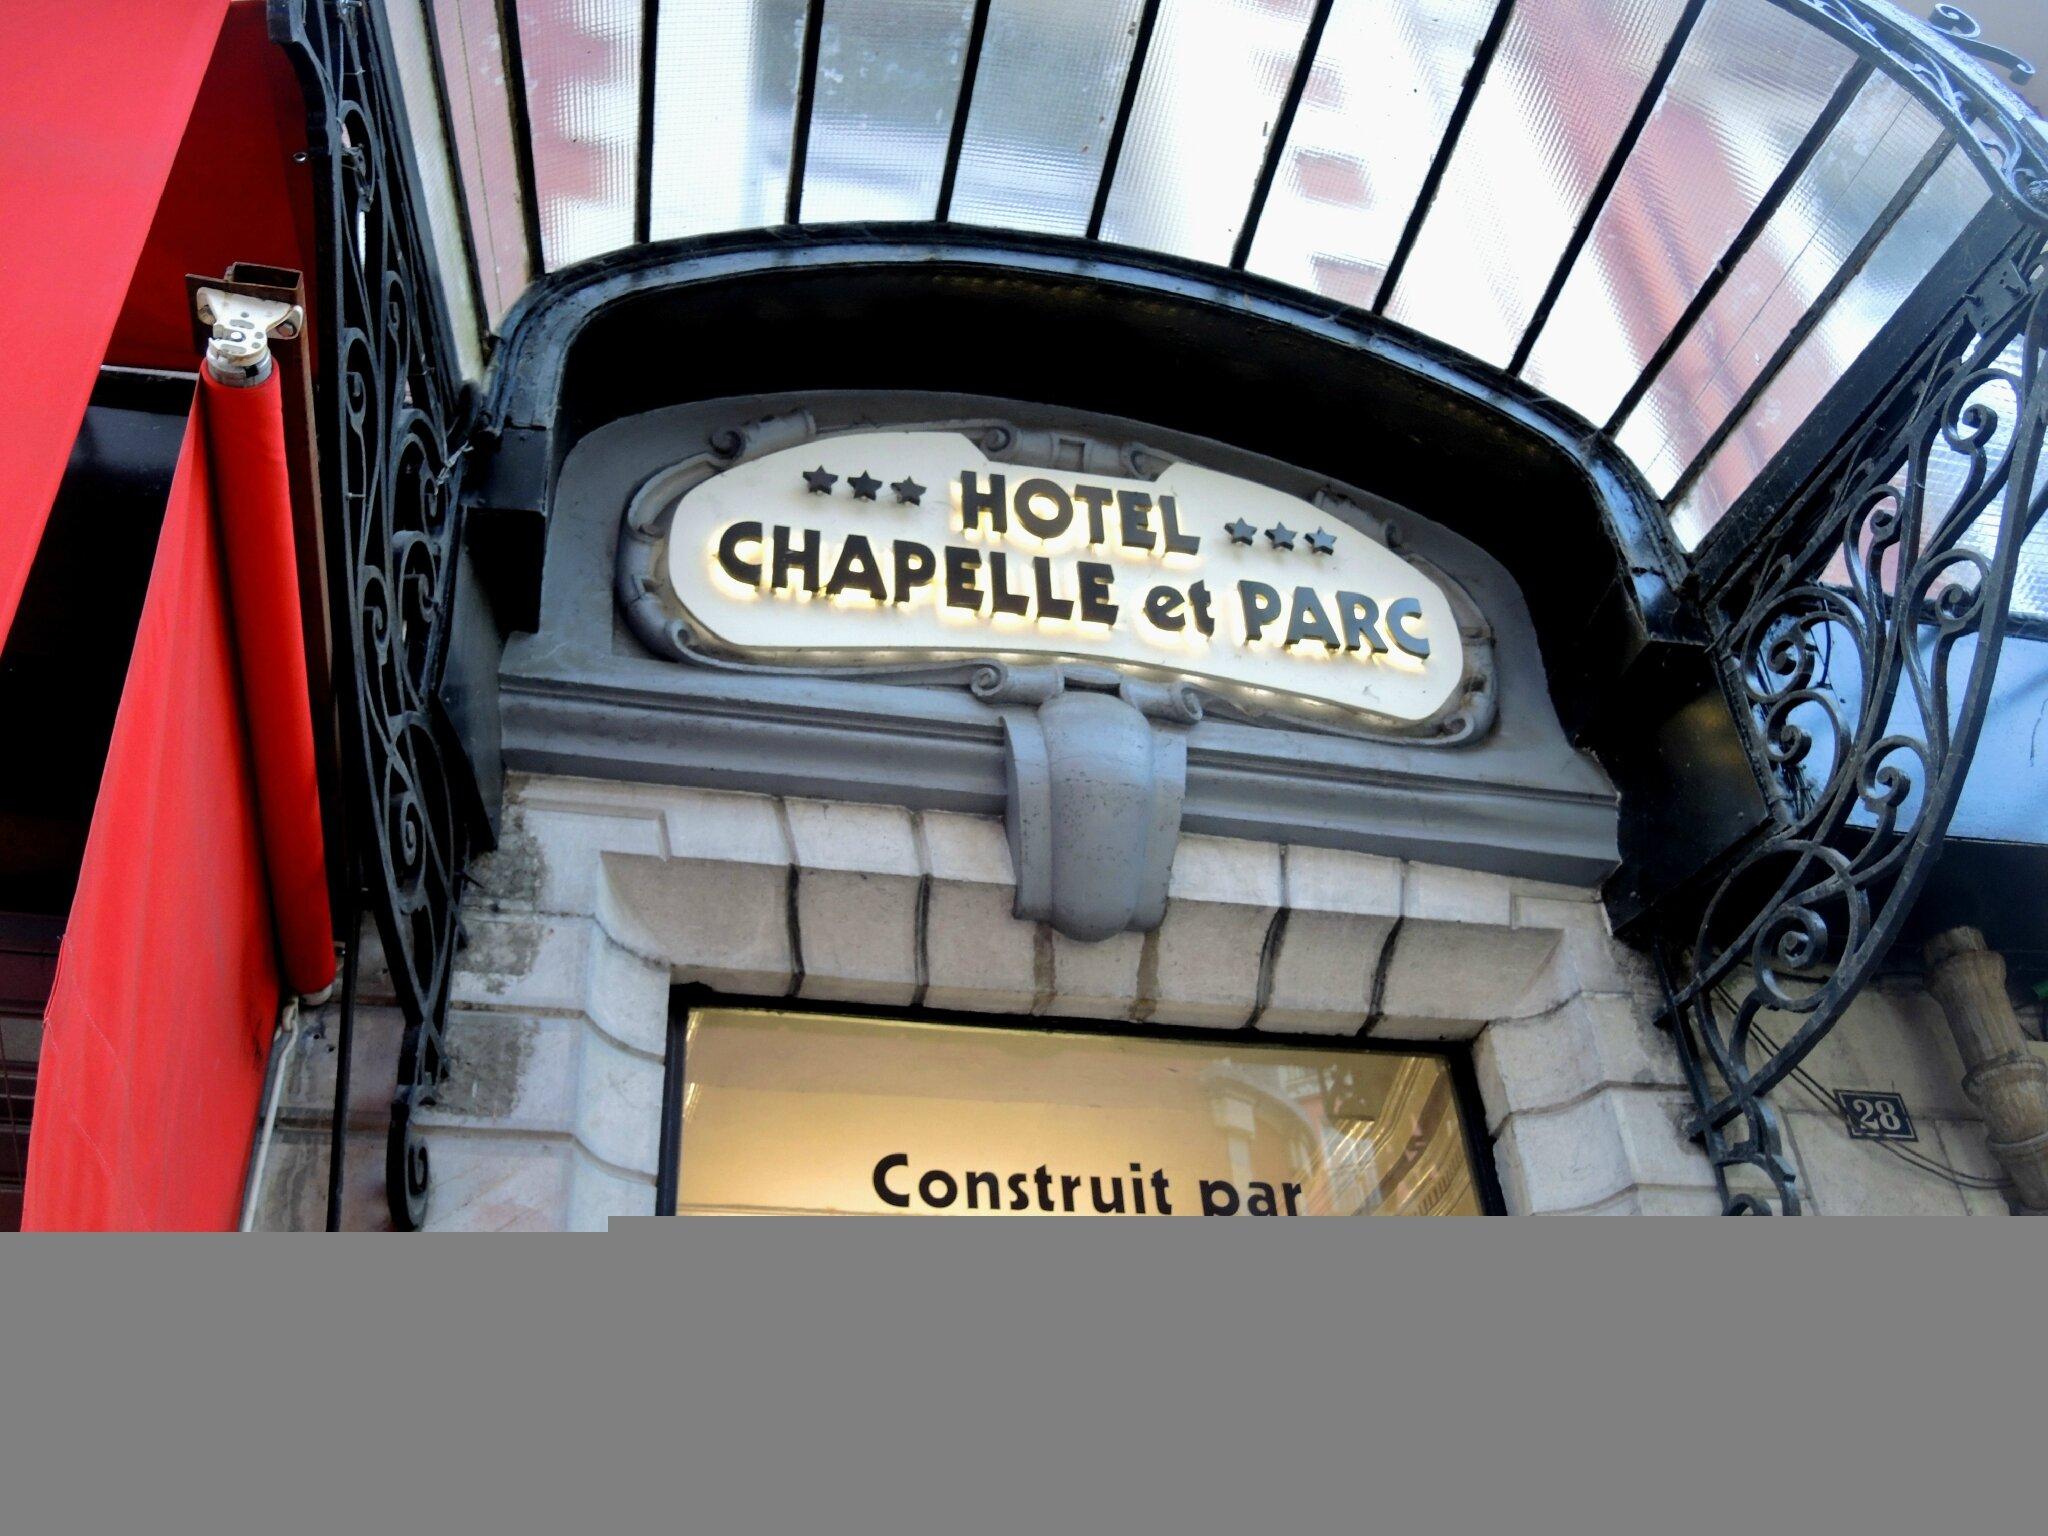 Lourdes, hôtel, chapelle du parc (65)